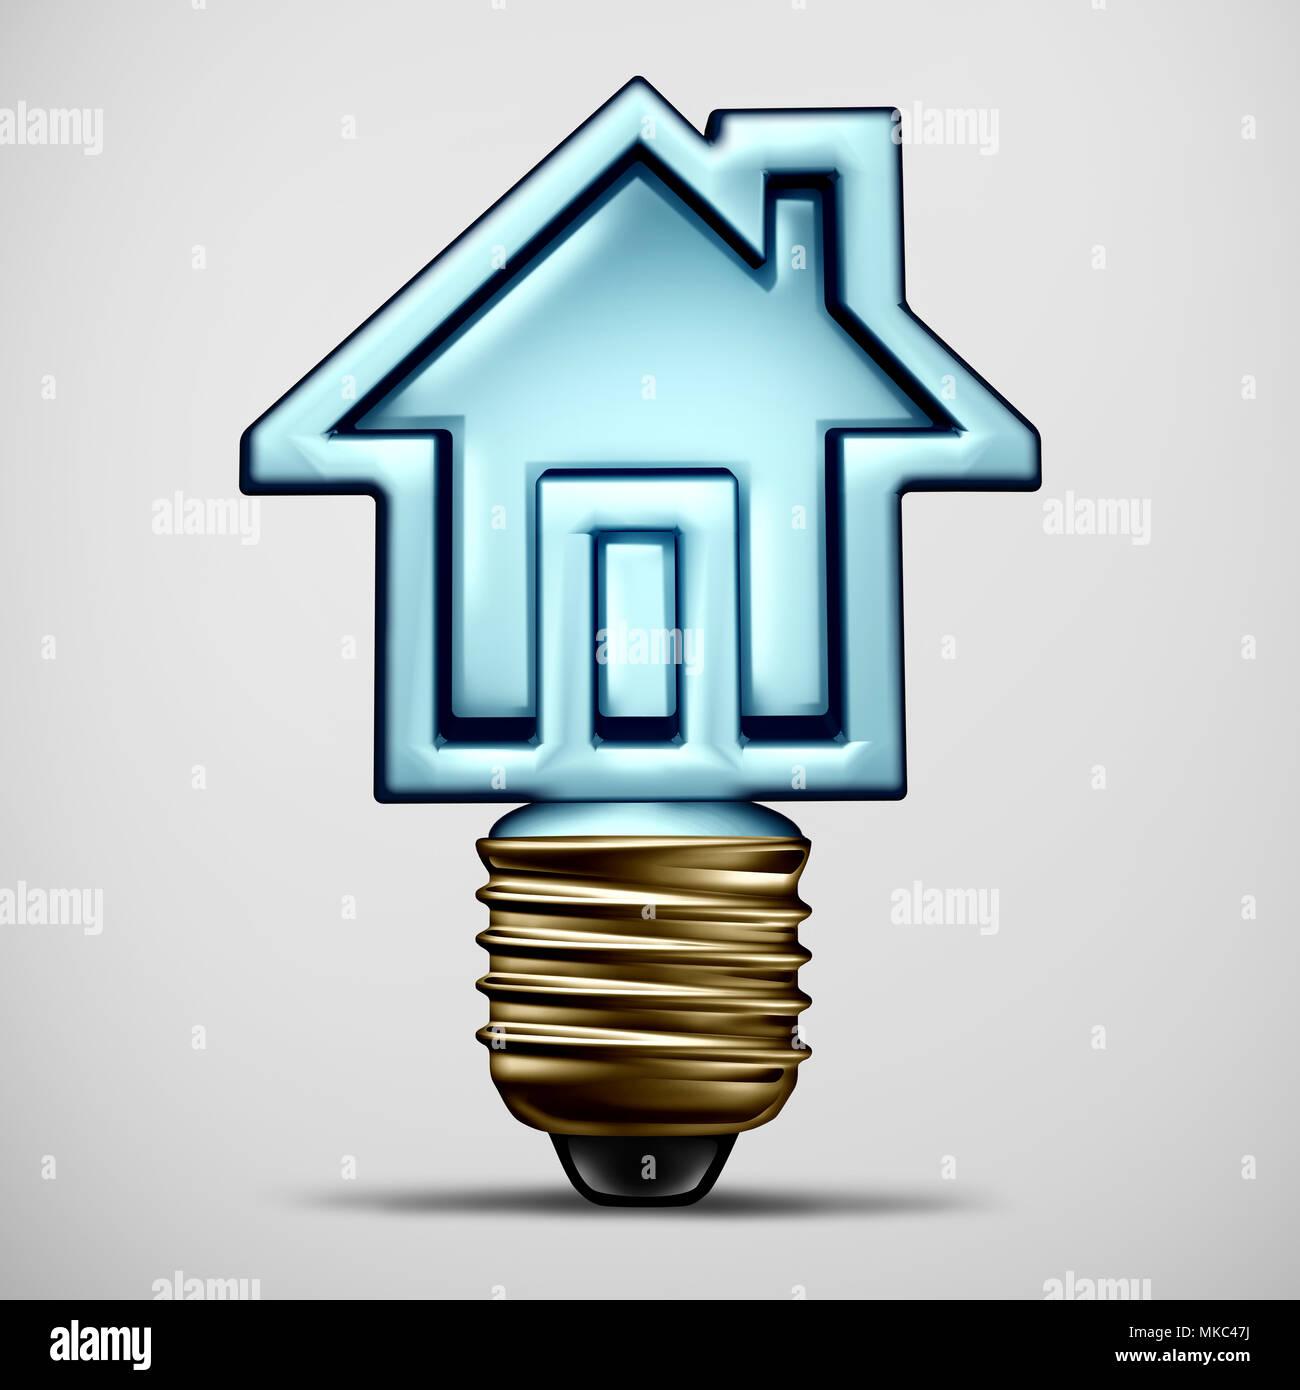 Home idea e casa ispirazione come un 3D illustrazione di una soluzione residenziale simbolo con una lampadina elettrica conformata come una residenza. Immagini Stock